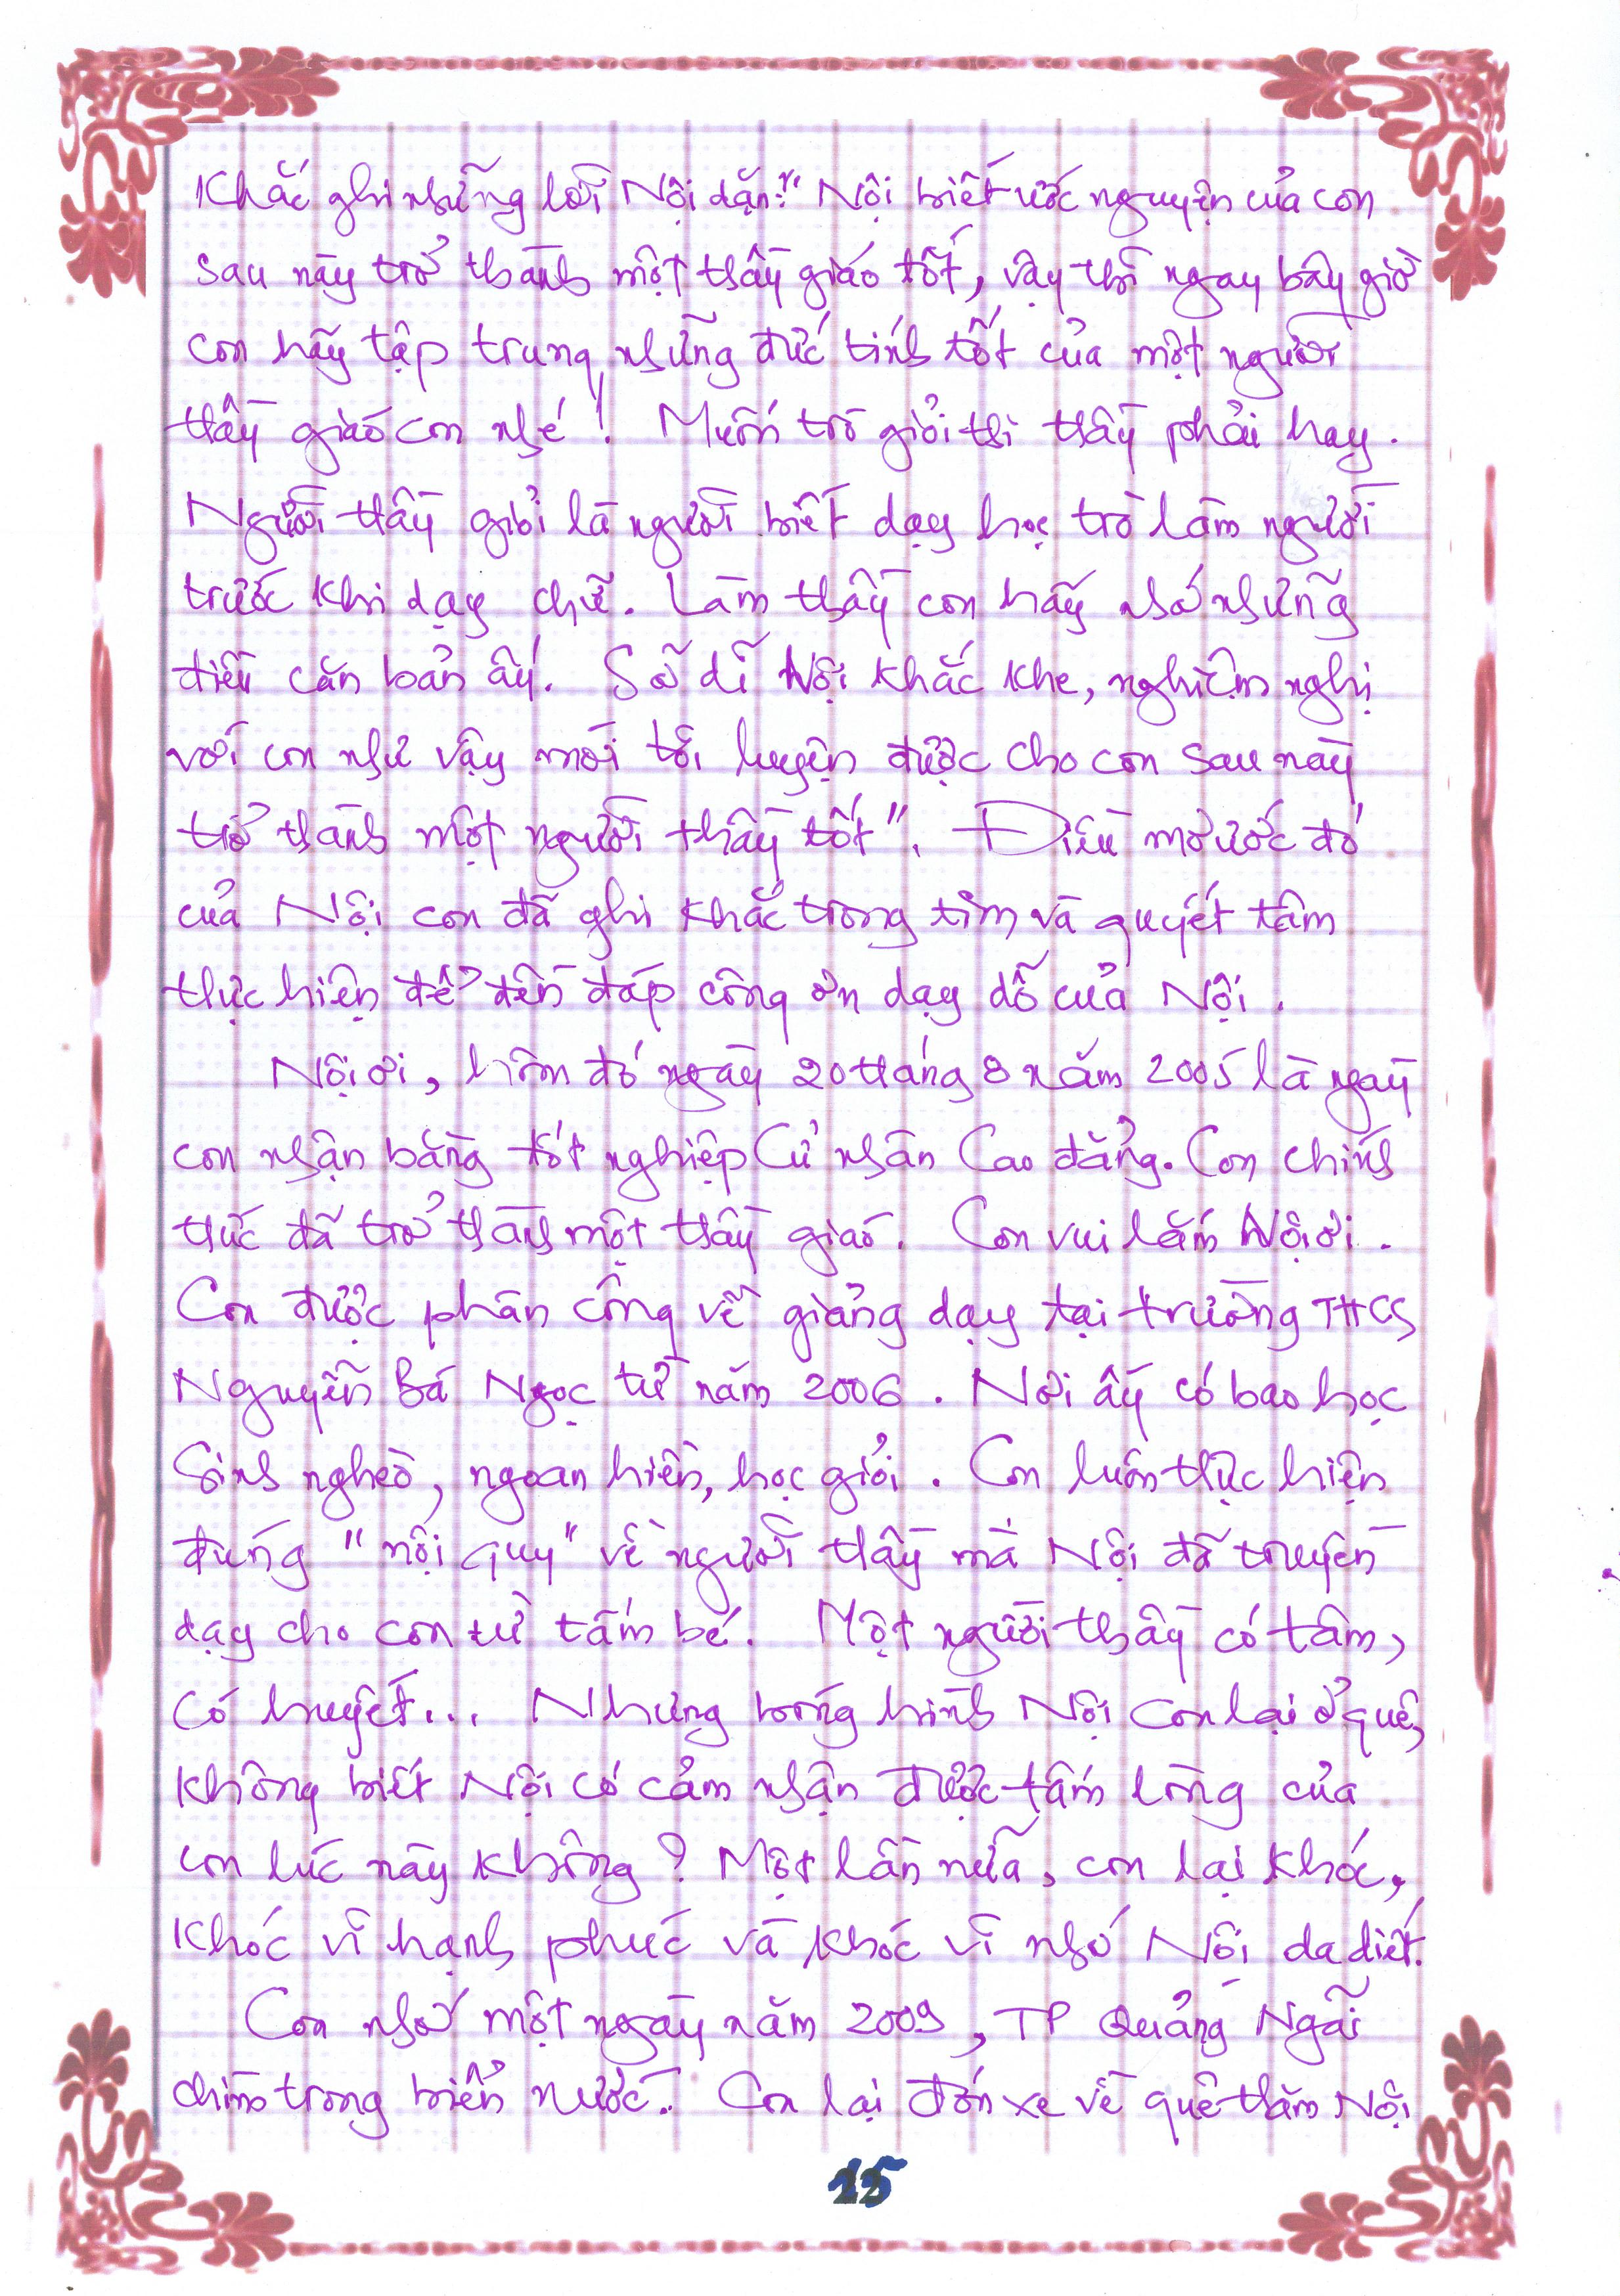 15 1 - [20/11 và những lá thư tay]: Bức thư mùa thu gửi Nội...